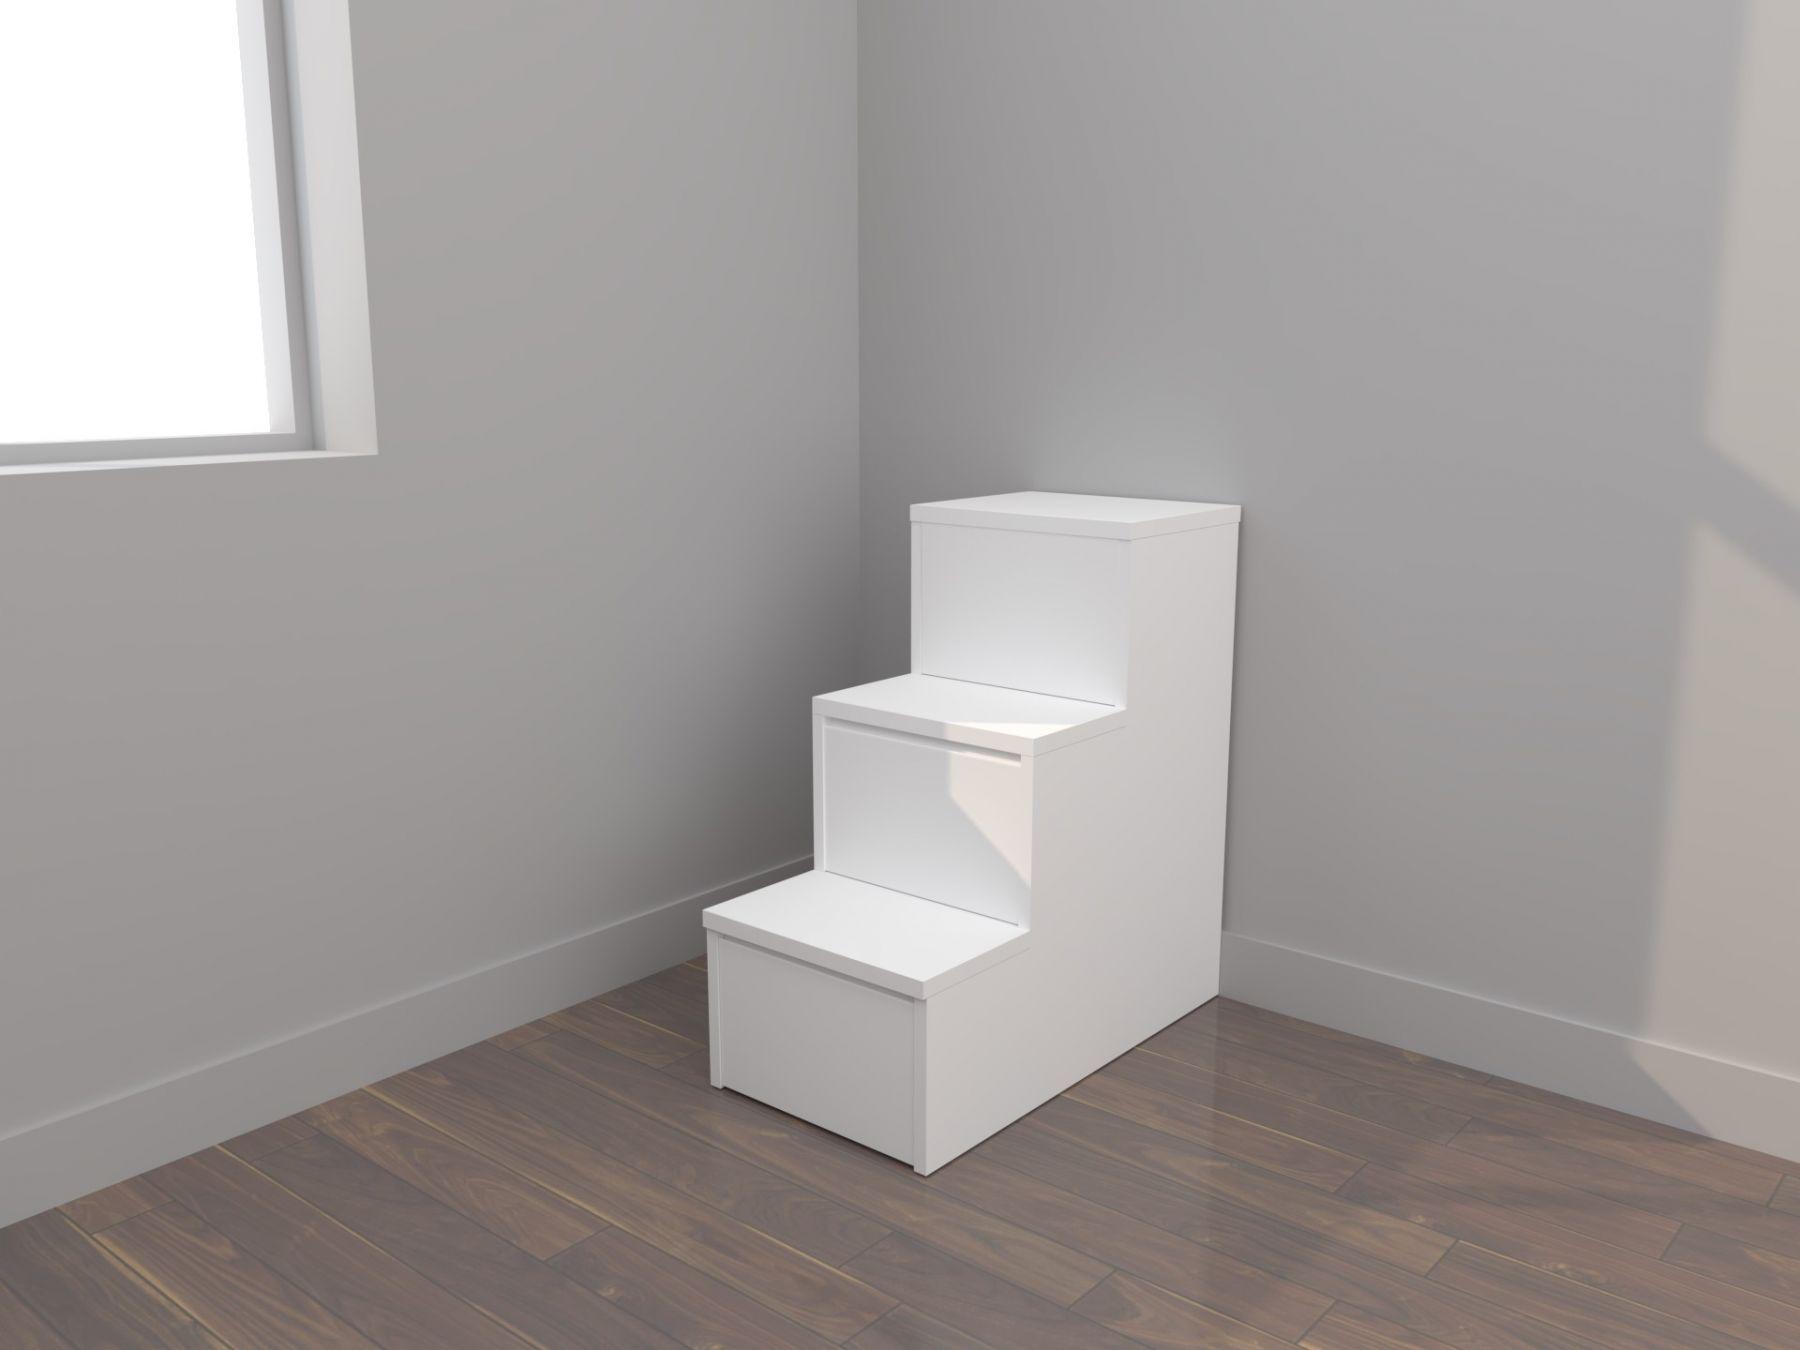 Escalera con cajones para camas y literas. Habitación infantil y juvenil